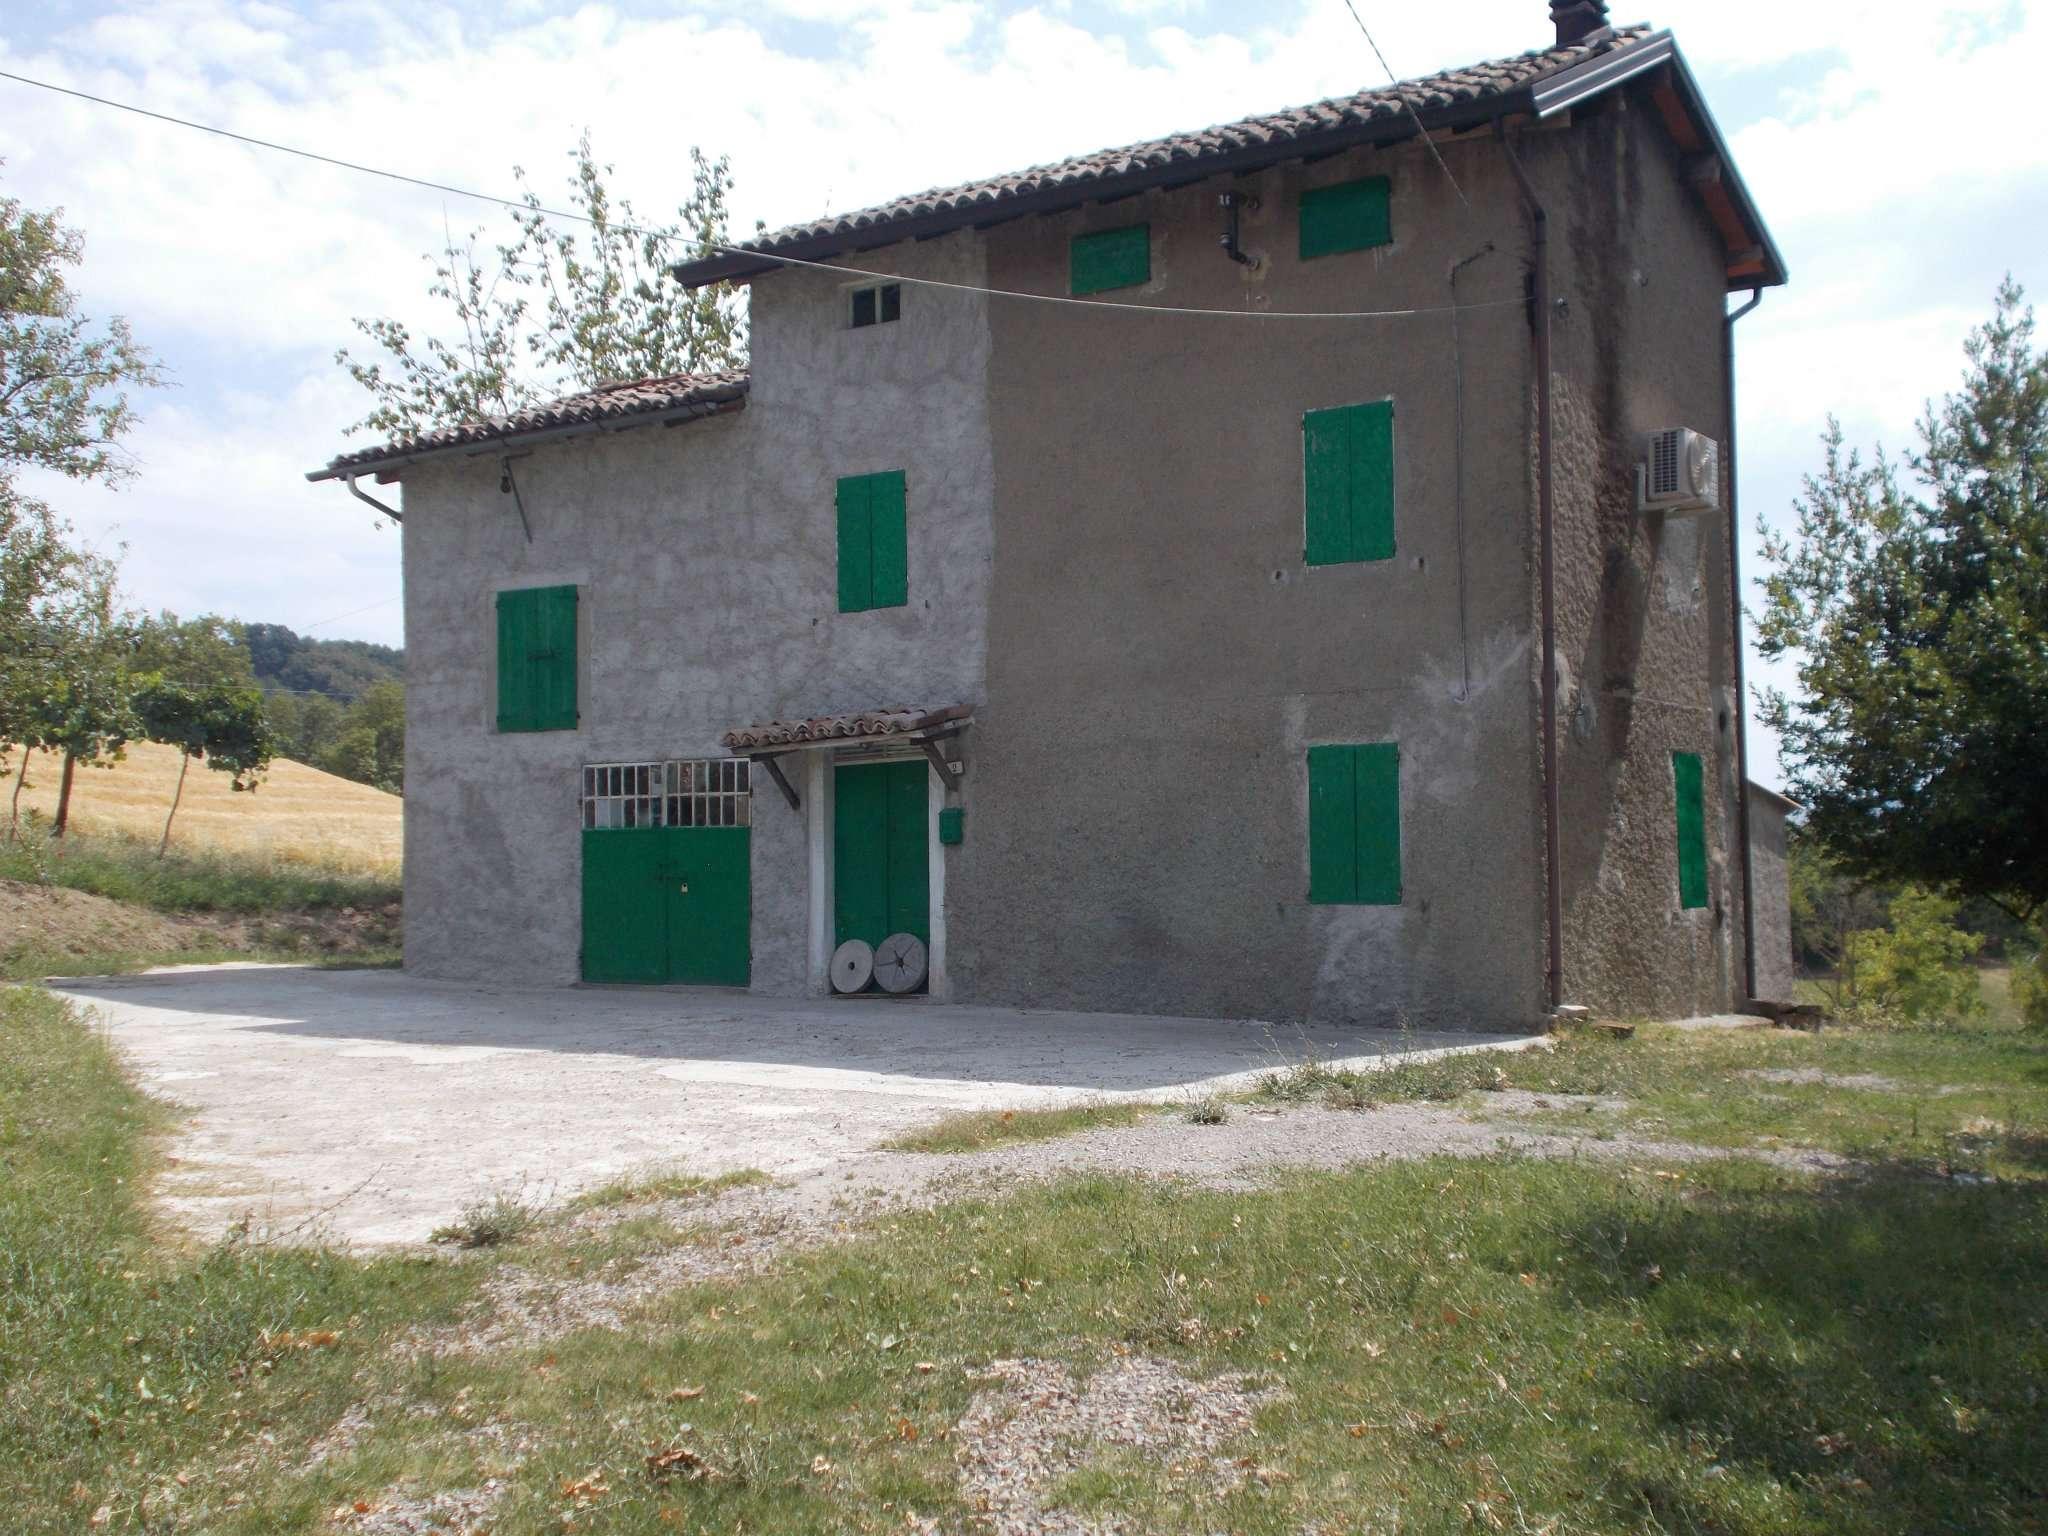 Soluzione Indipendente in vendita a San Polo d'Enza, 3 locali, prezzo € 125.000 | CambioCasa.it